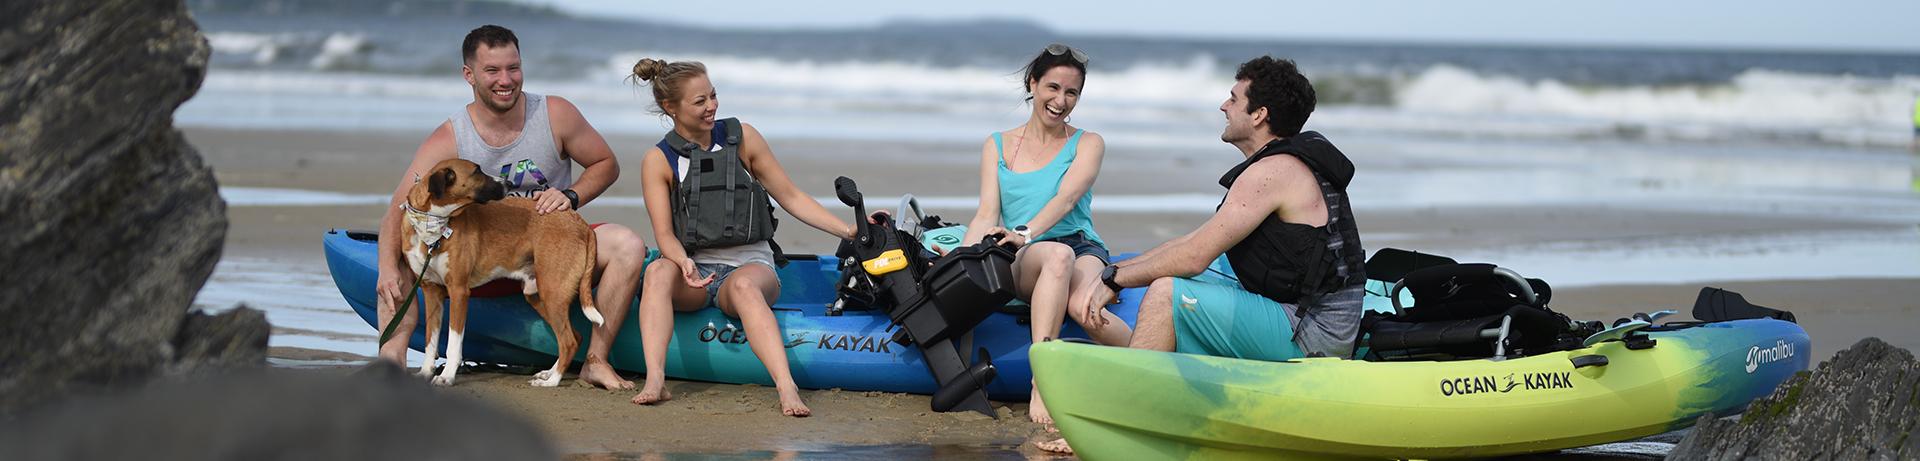 Malibu Pedal Lifestyle